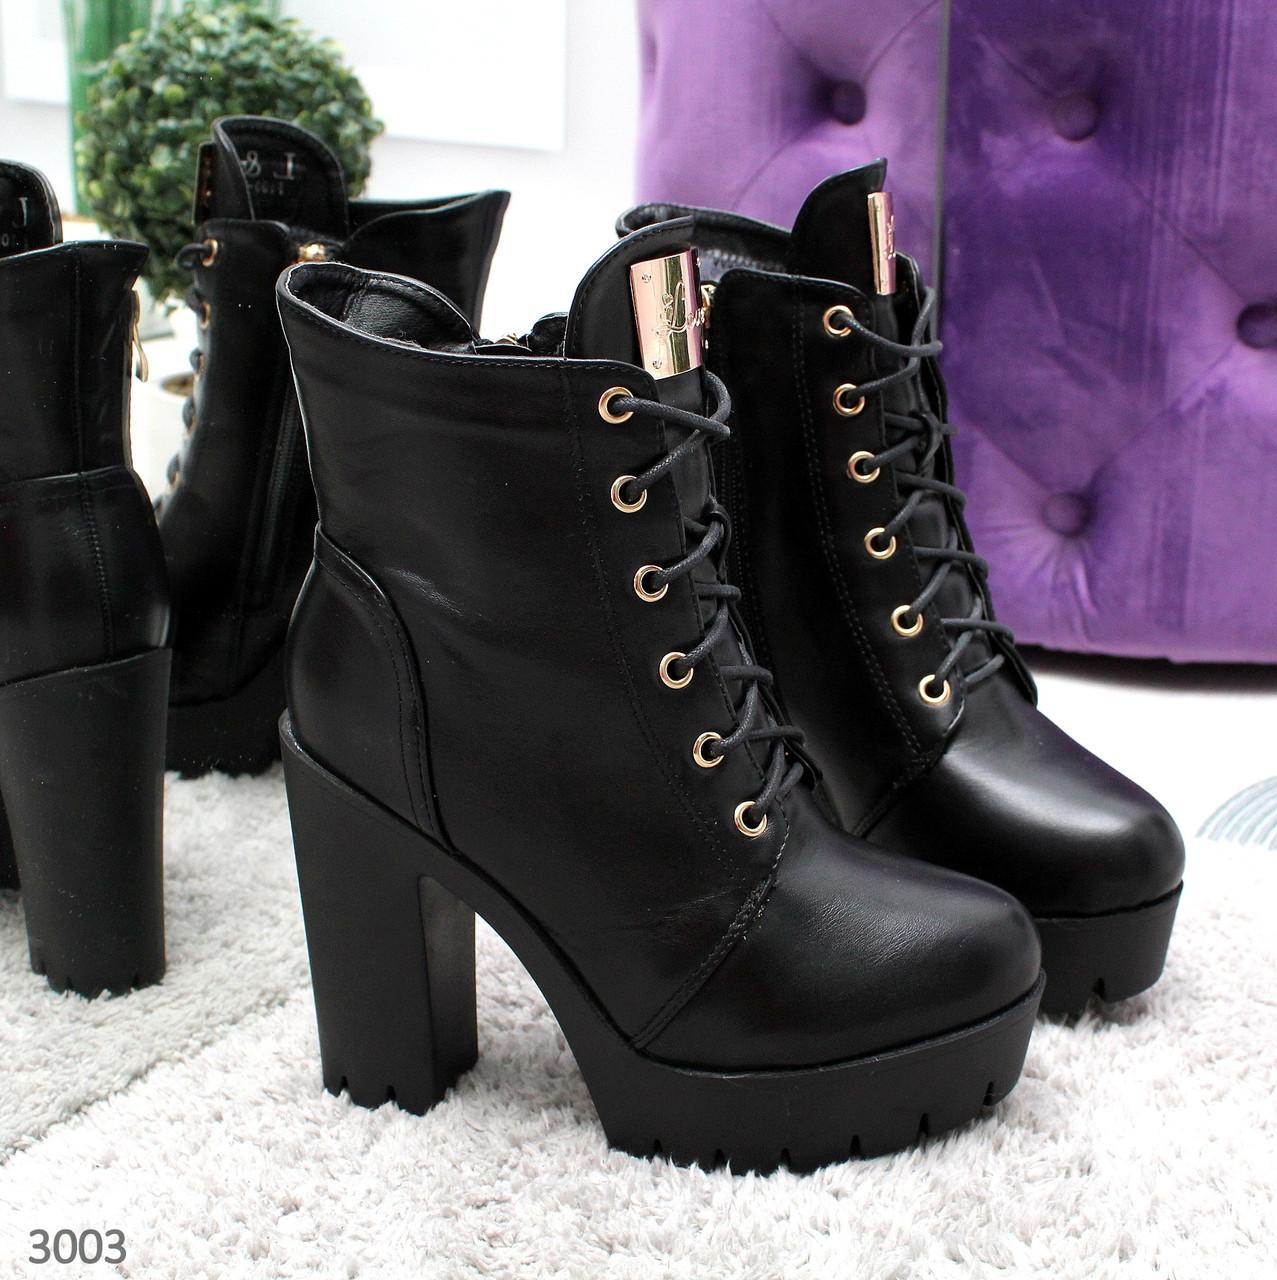 Женские зимние ботильоны ботинкина высоком толстом каблуке и тракторной платформе на шнурках размер 40